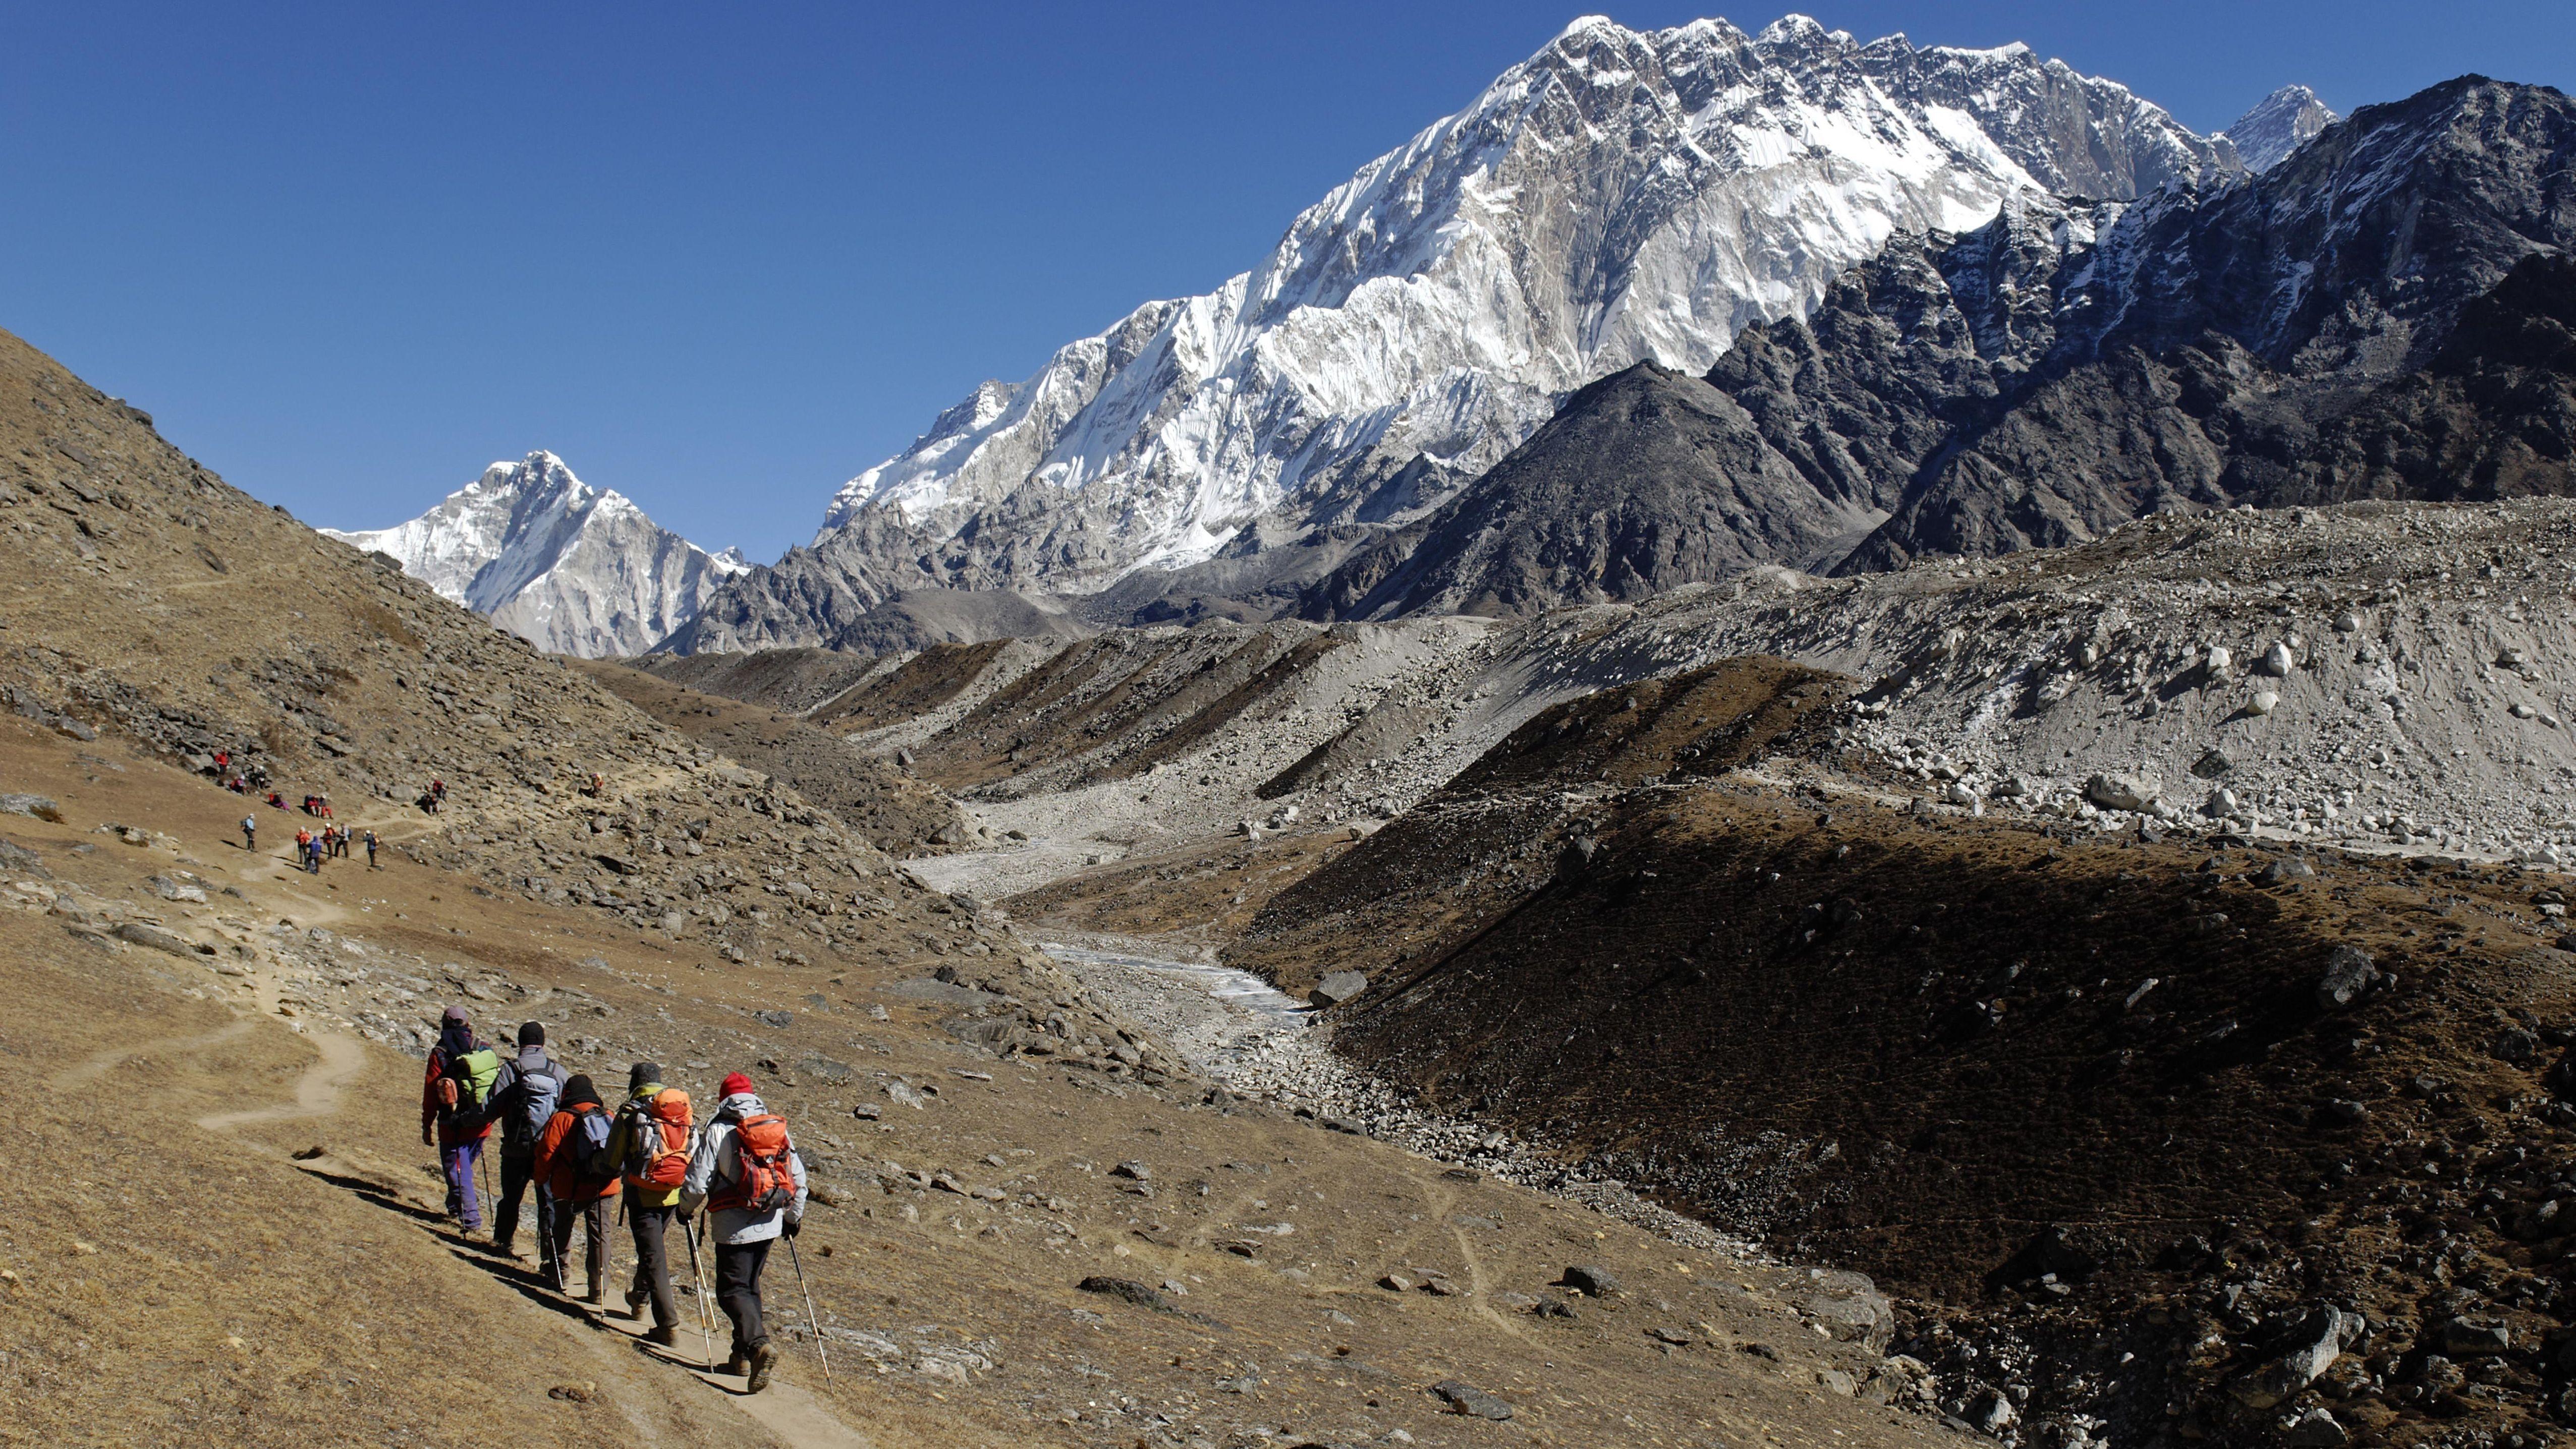 Trekking Gruppe auf dem Khumbu Gletscher mit Nuptse (Nepal)